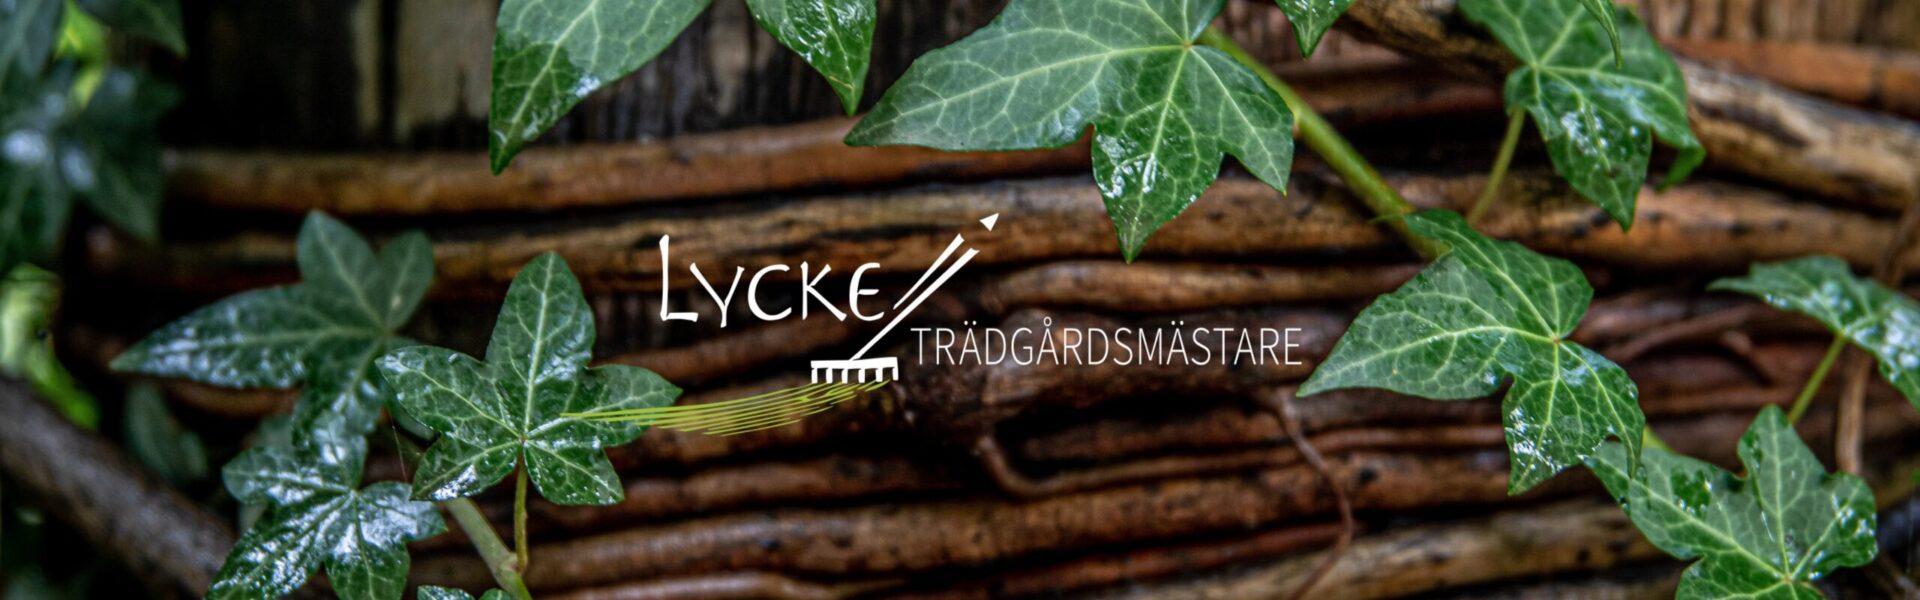 LYCKE Trädgårdsmästare